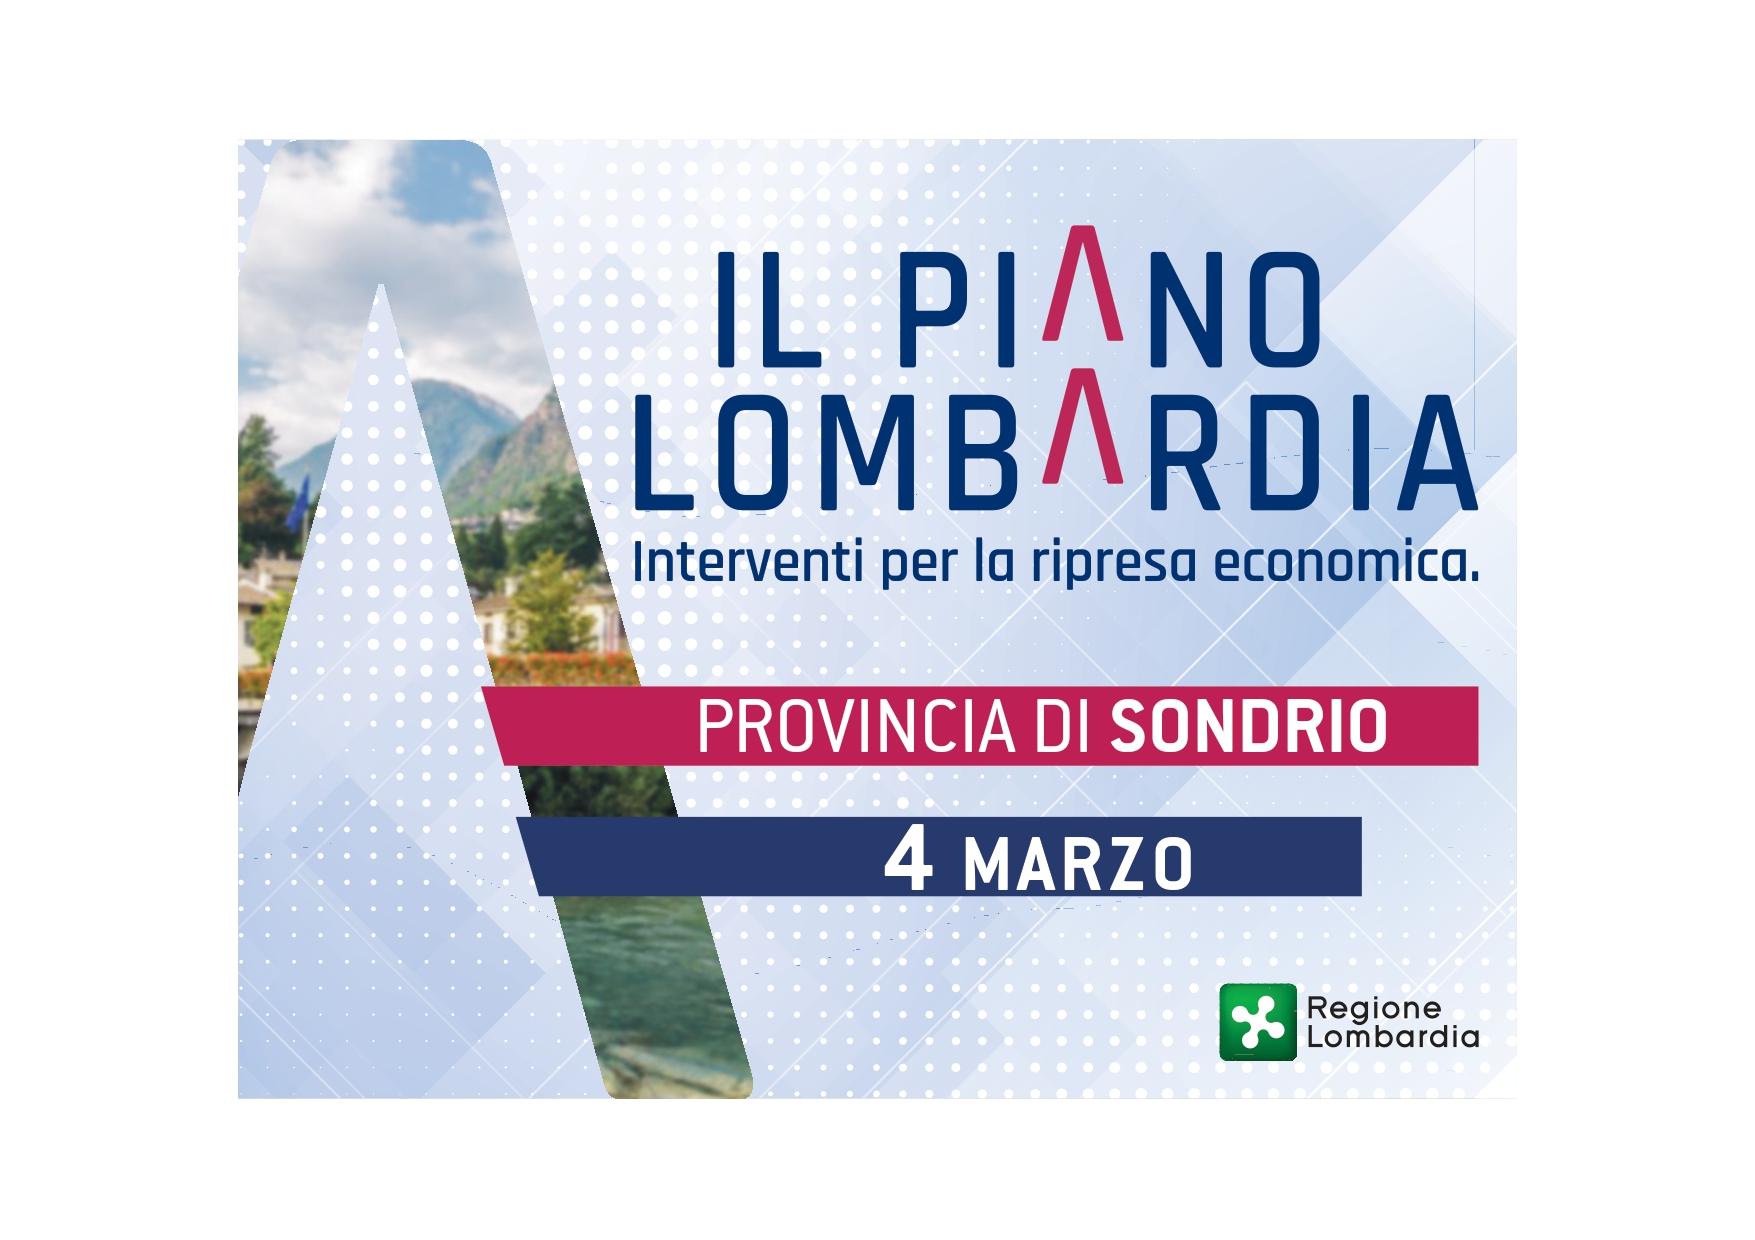 Piano Lombardia Sondrio